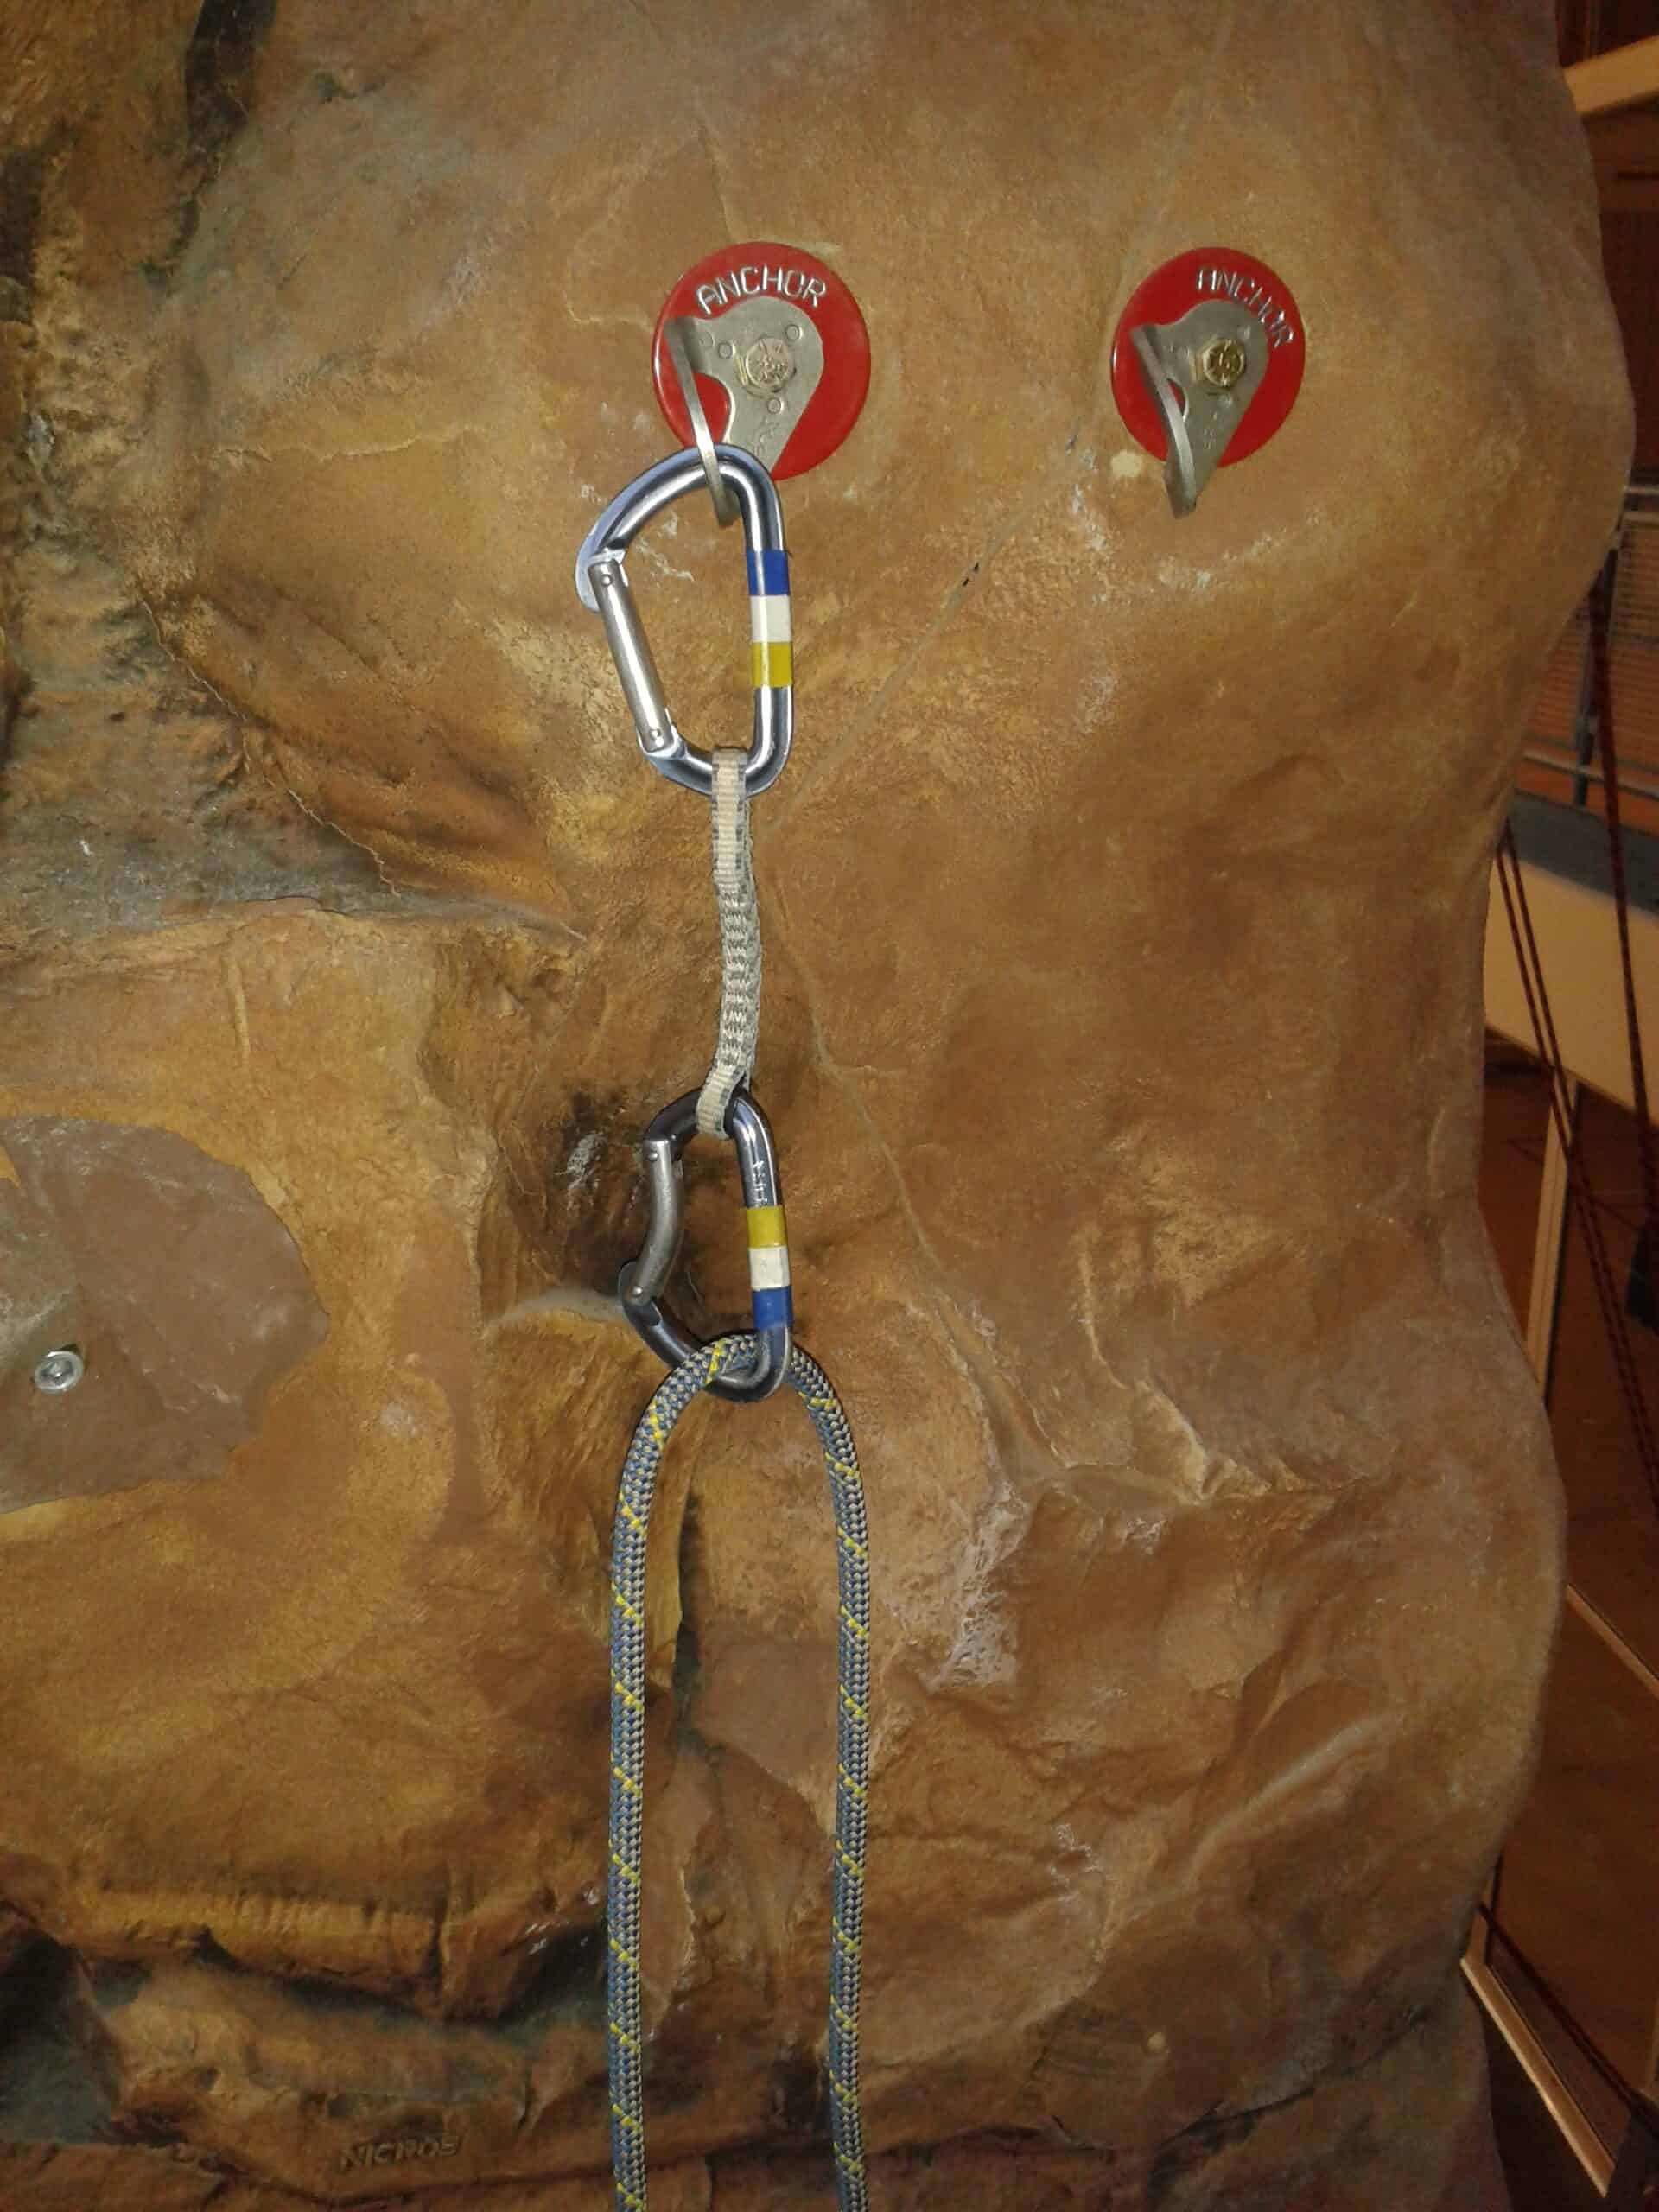 Non-redundant climbing anchor